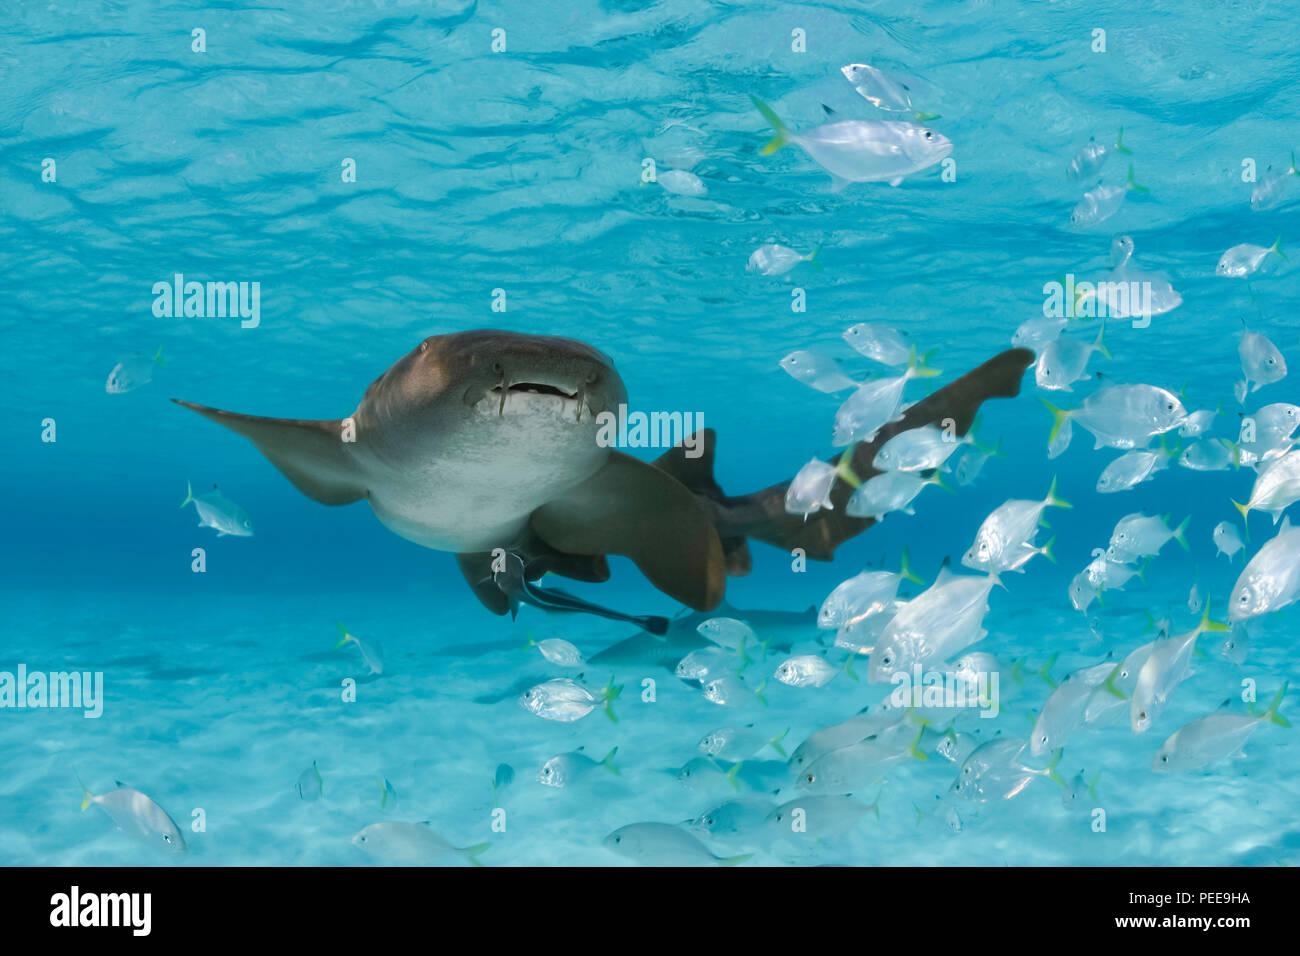 Este tiburón nodriza Ginglymostoma cirratum, está retratado con una escuela de juvinile jacks. Bahamas. Foto de stock